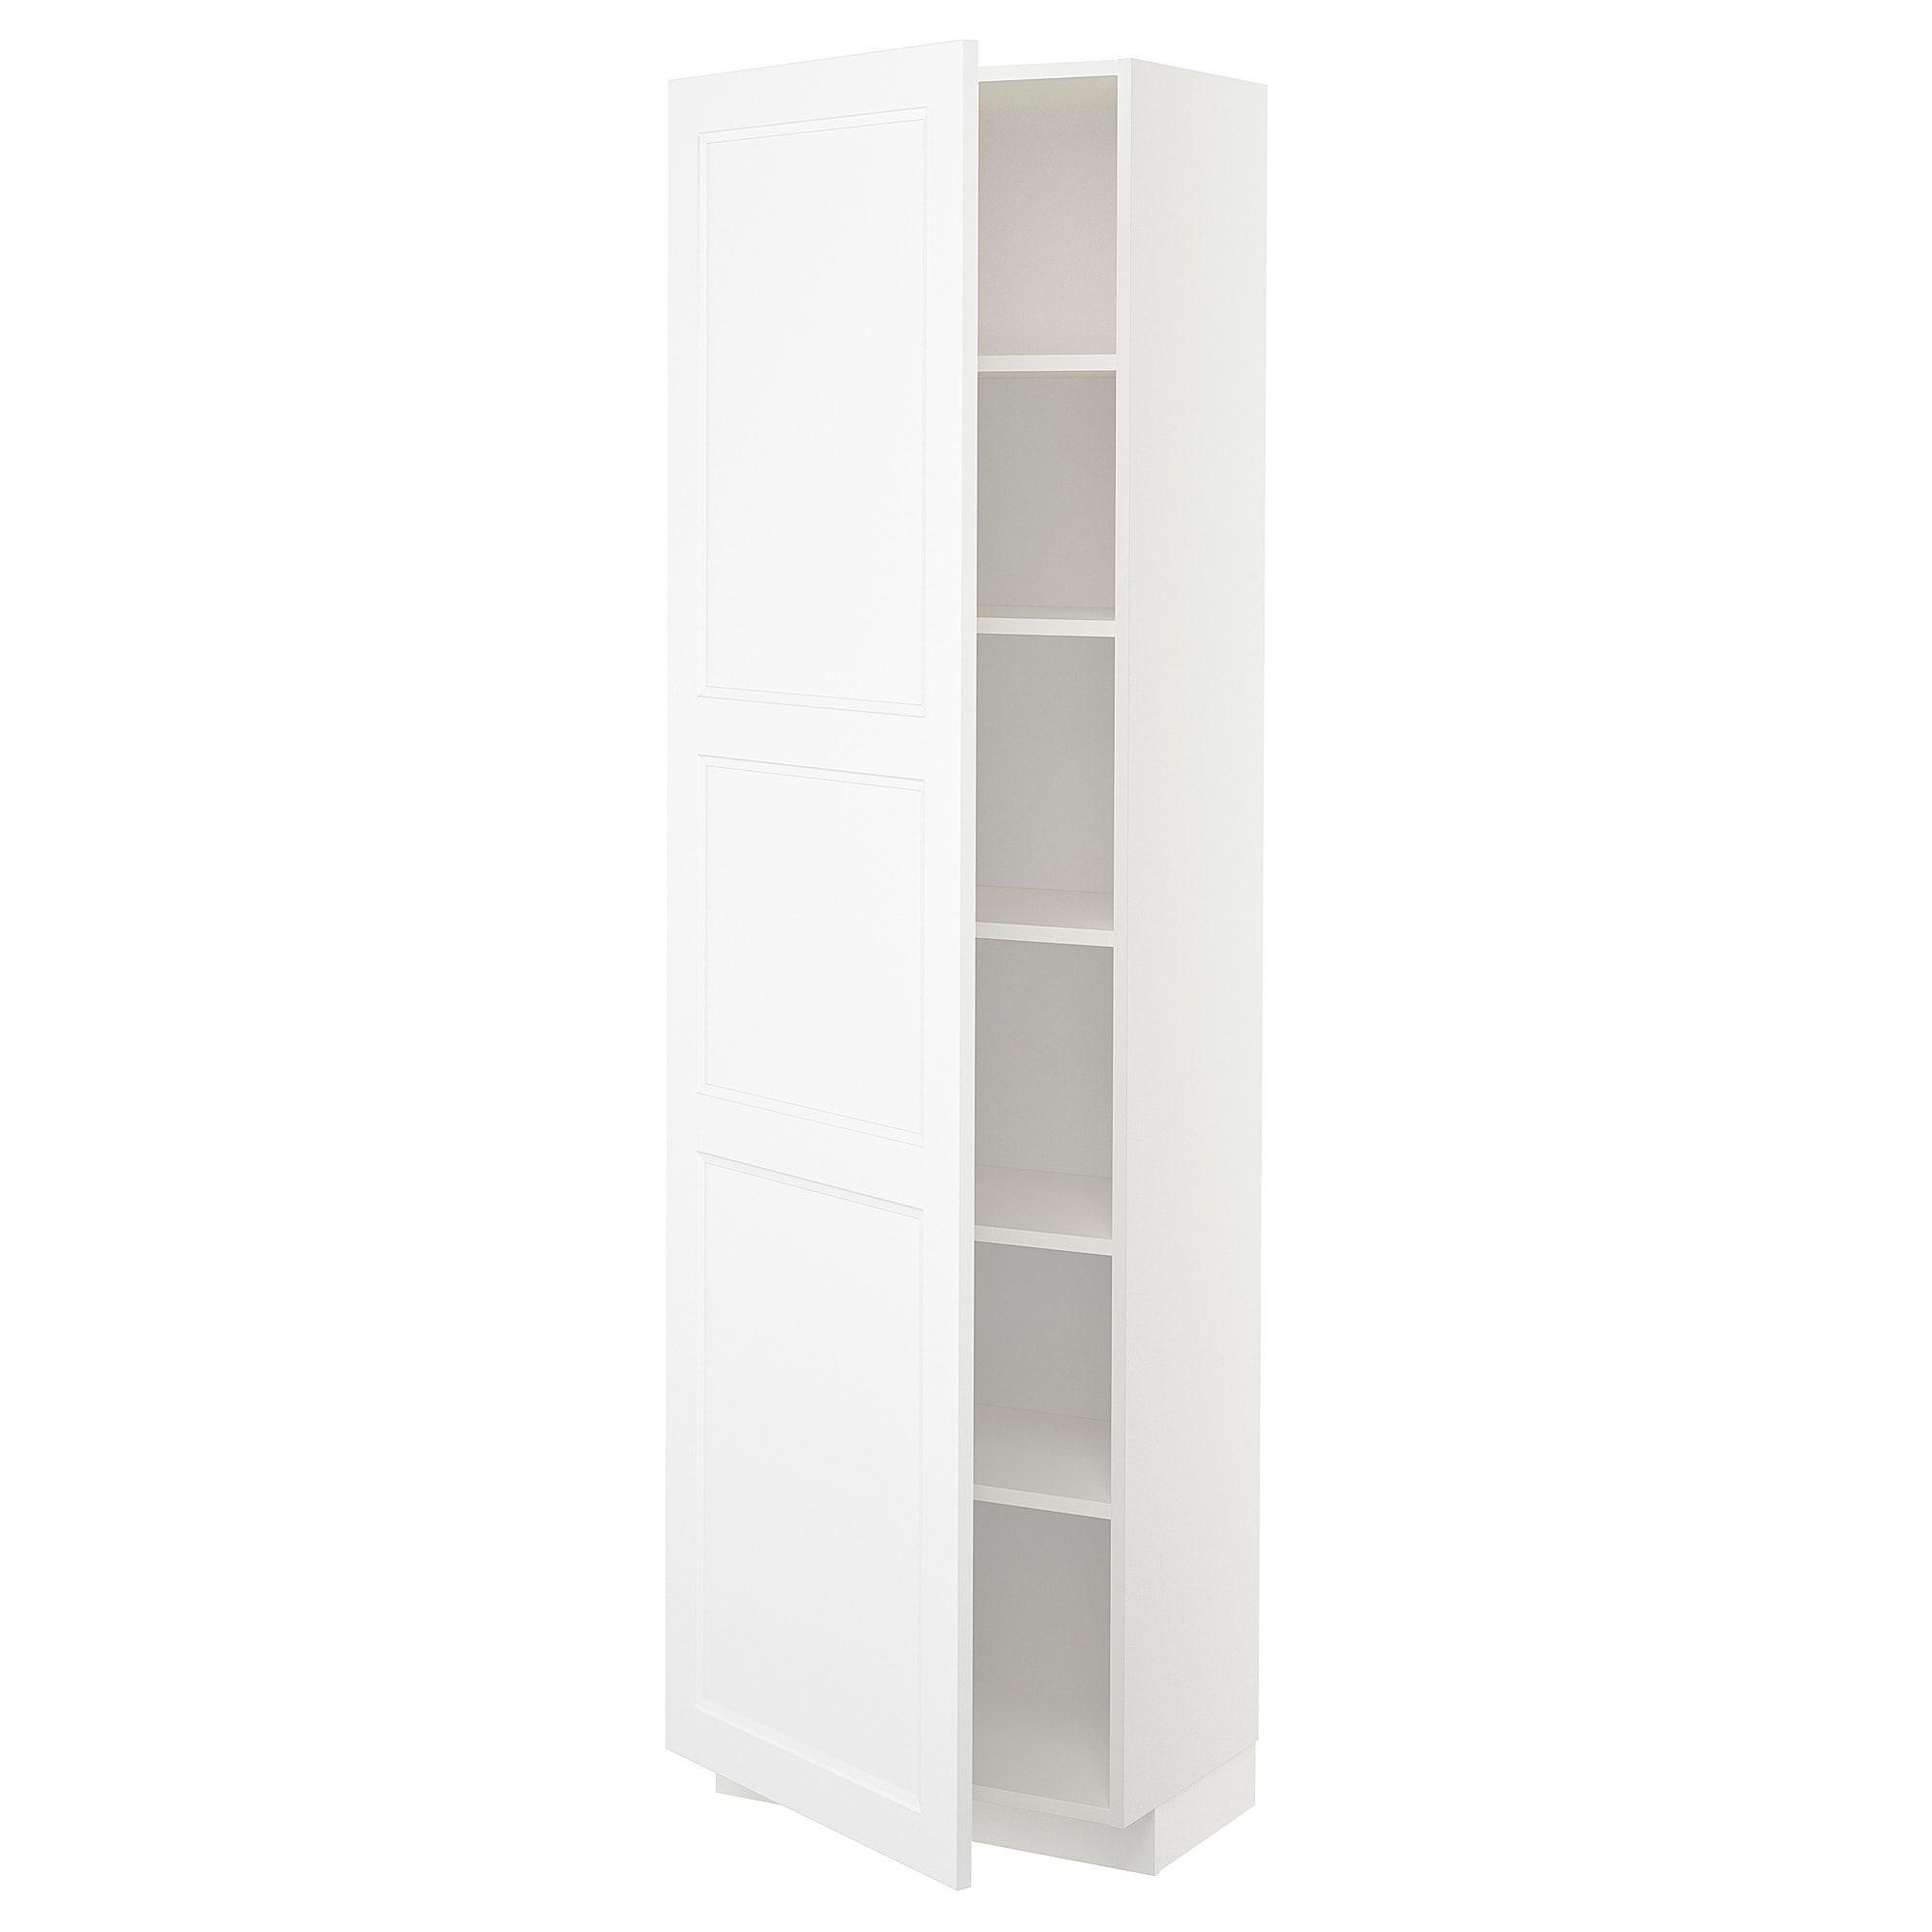 Metod Weiss Hochschrank Mit Einlegeboden Frame Colour Weiss Axstad Hochschrank Schliessfacher Ikea